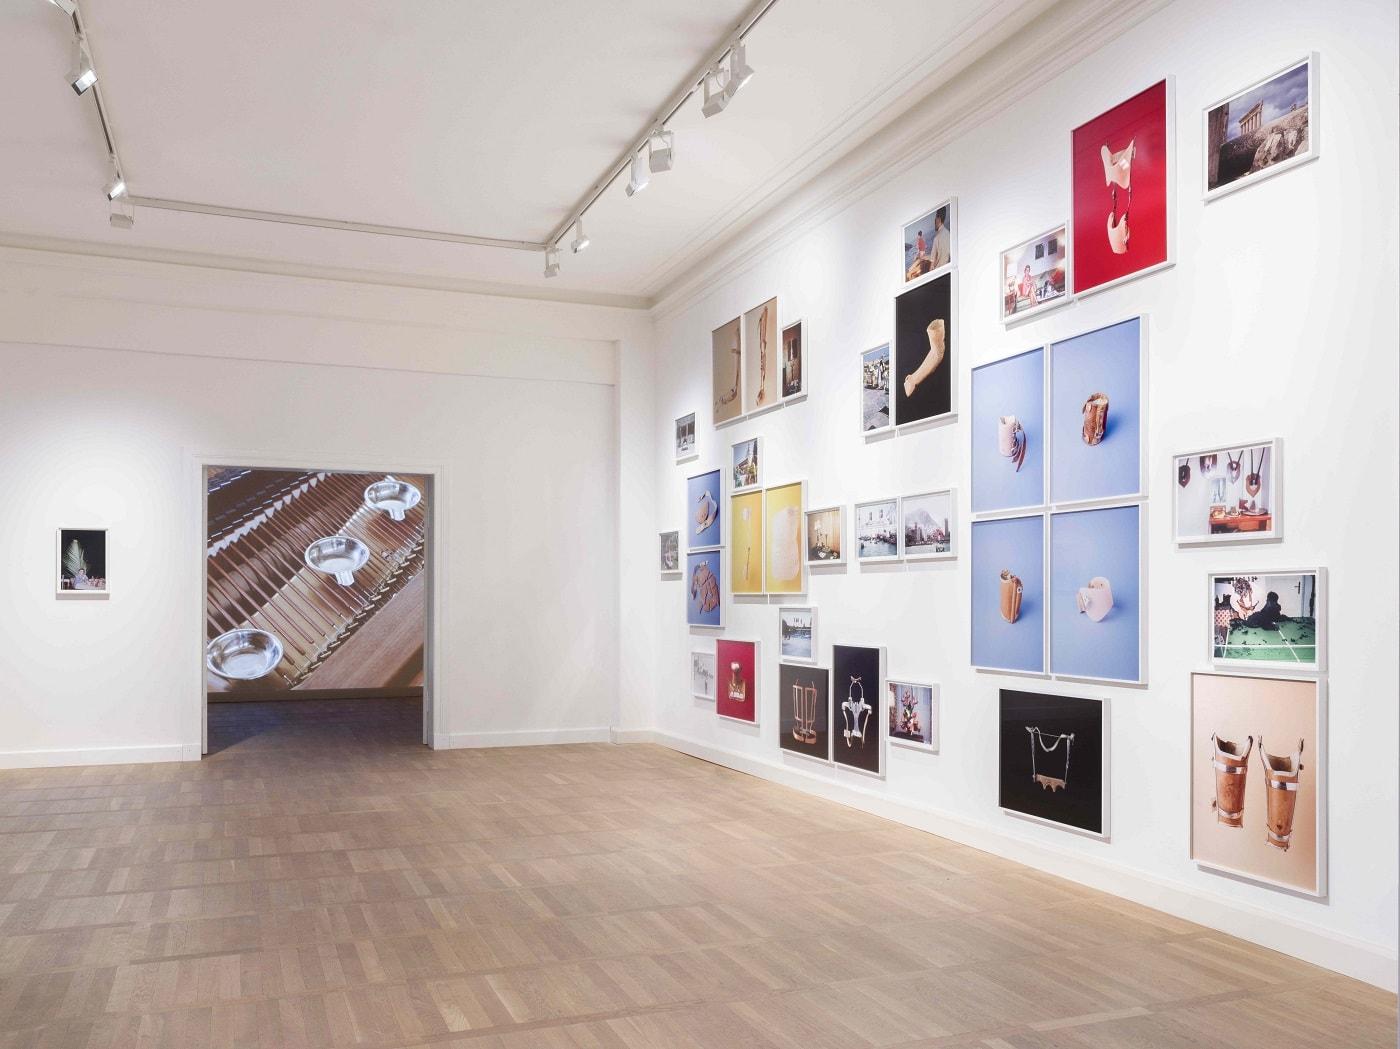 Fotos von Johanna Diehl in der Ausstellung im Haus am Waldsee // HIMBEER